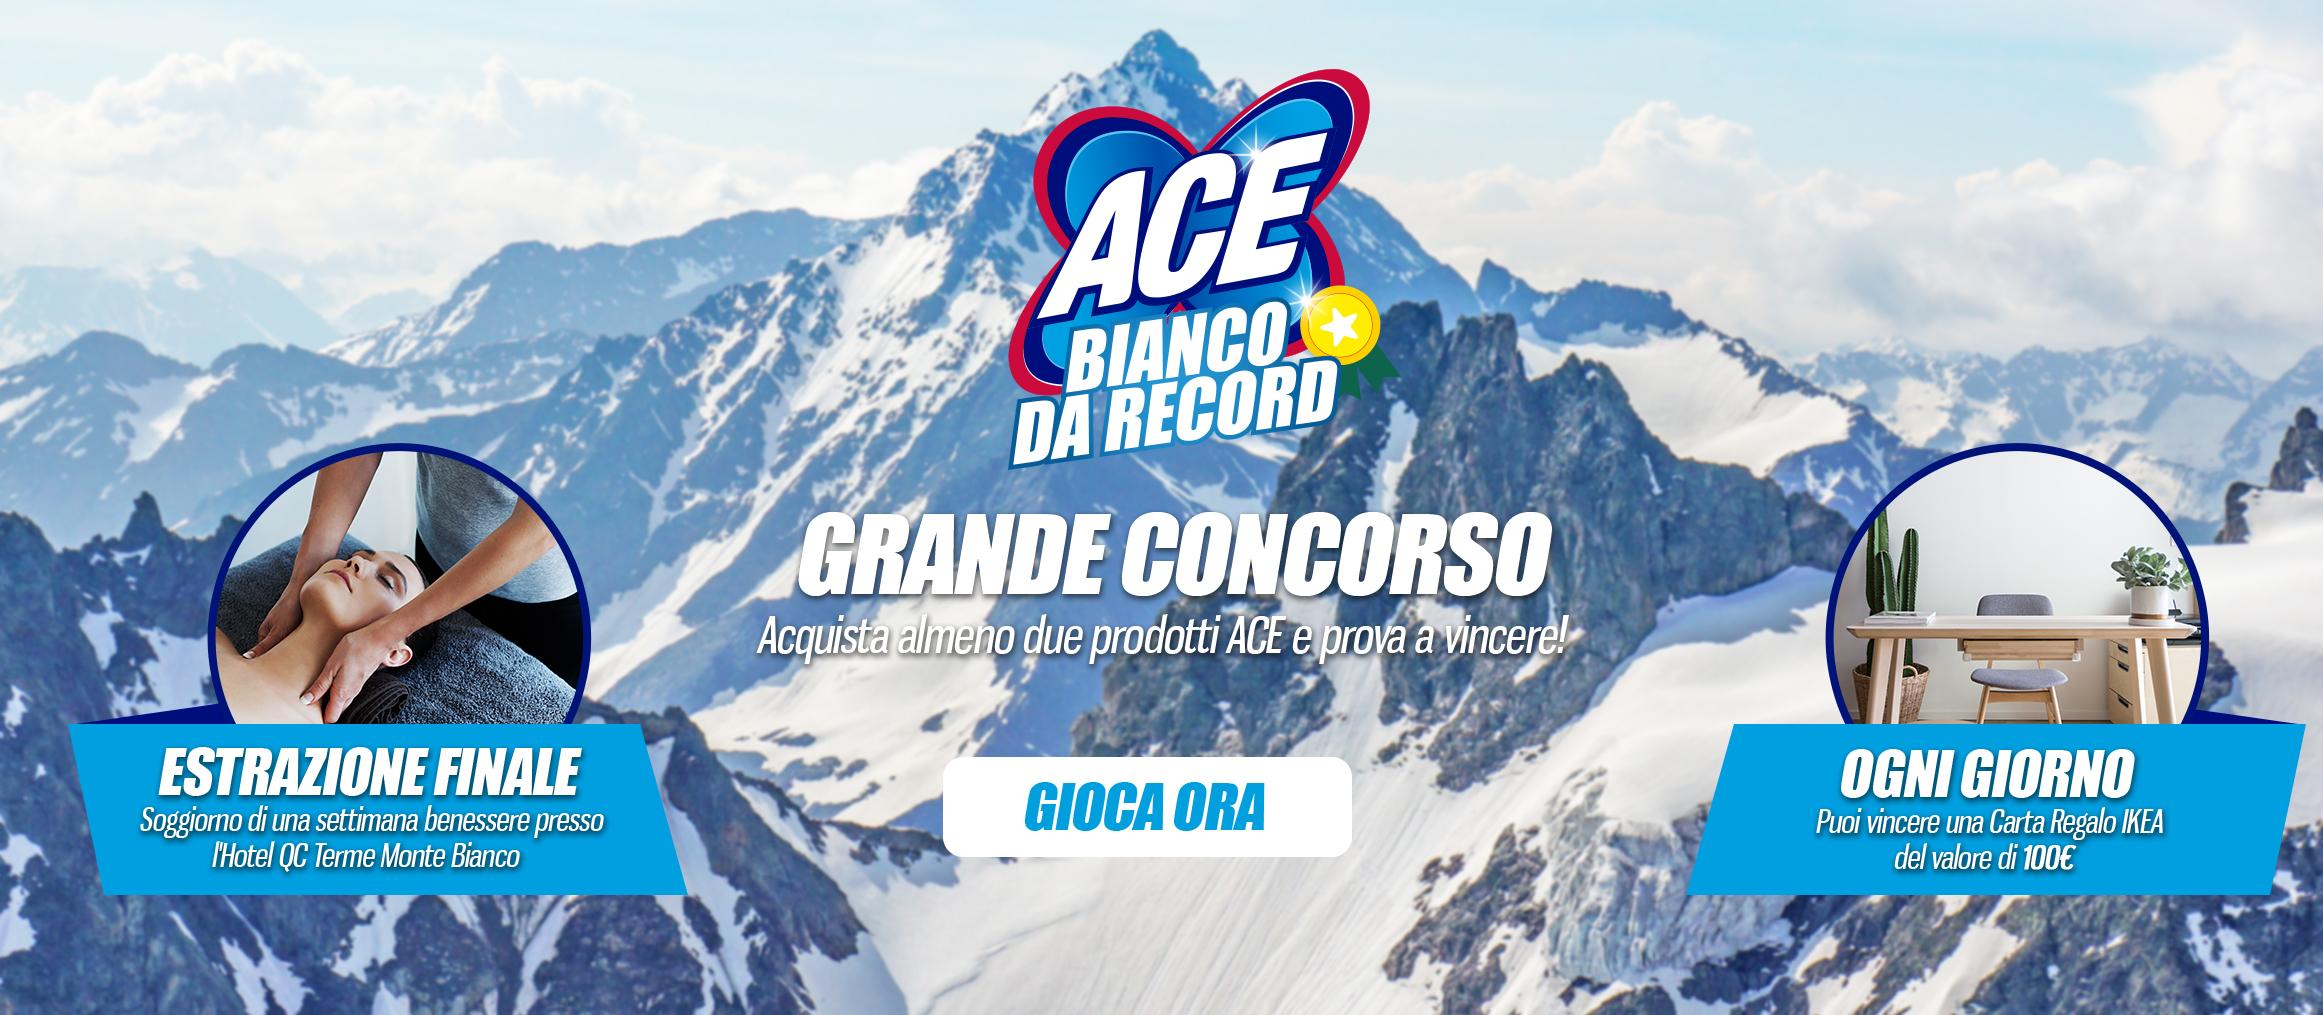 ACE Bianco da record